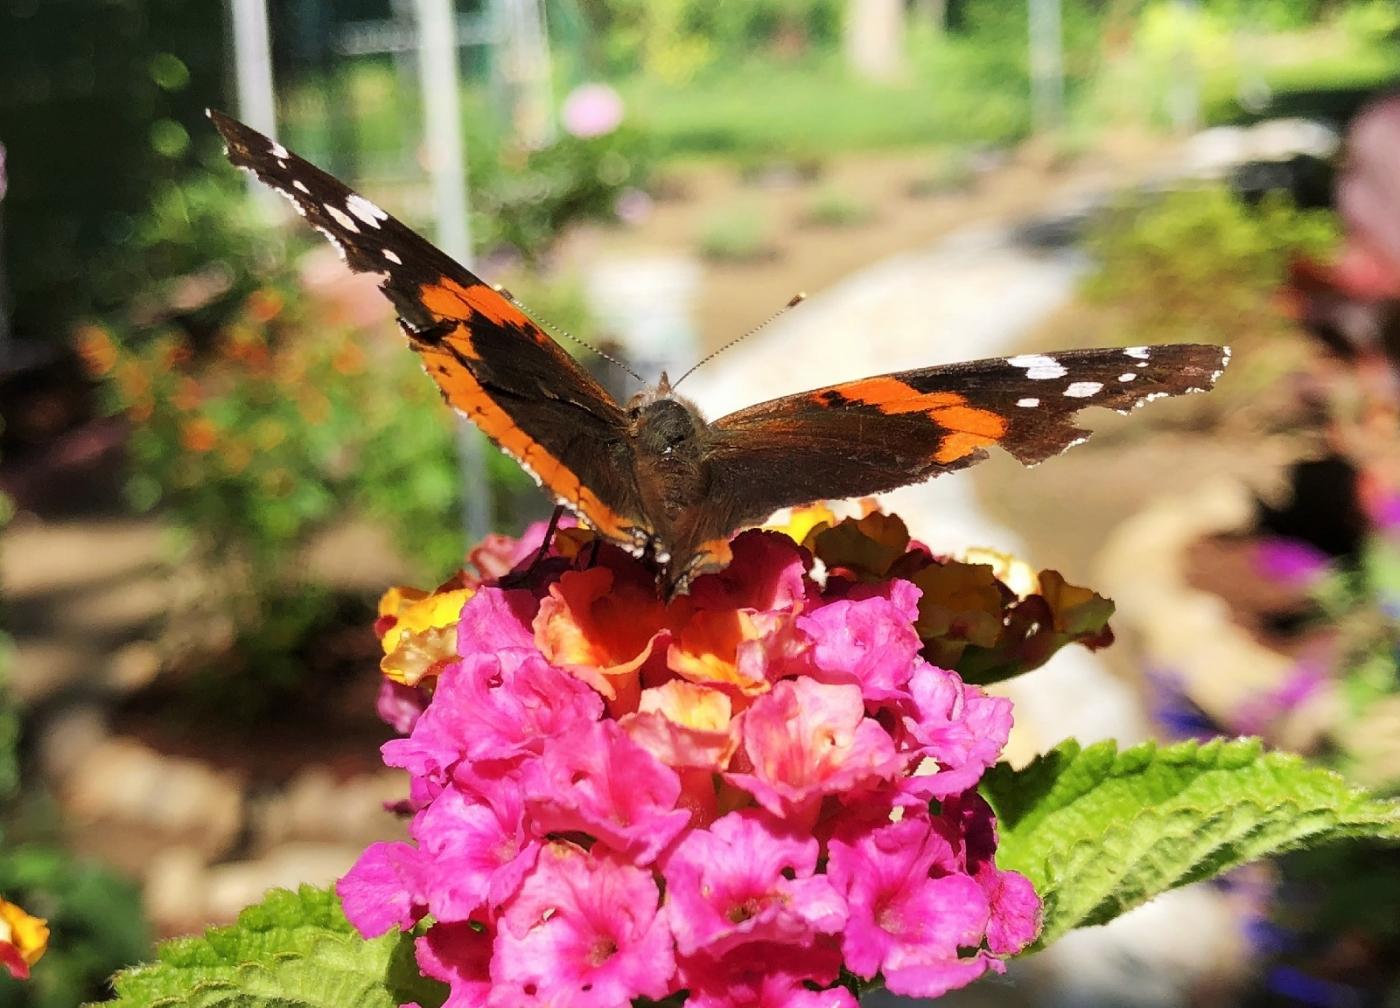 【田螺随拍】我种了马鞭草蝴蝶就来了_图1-11